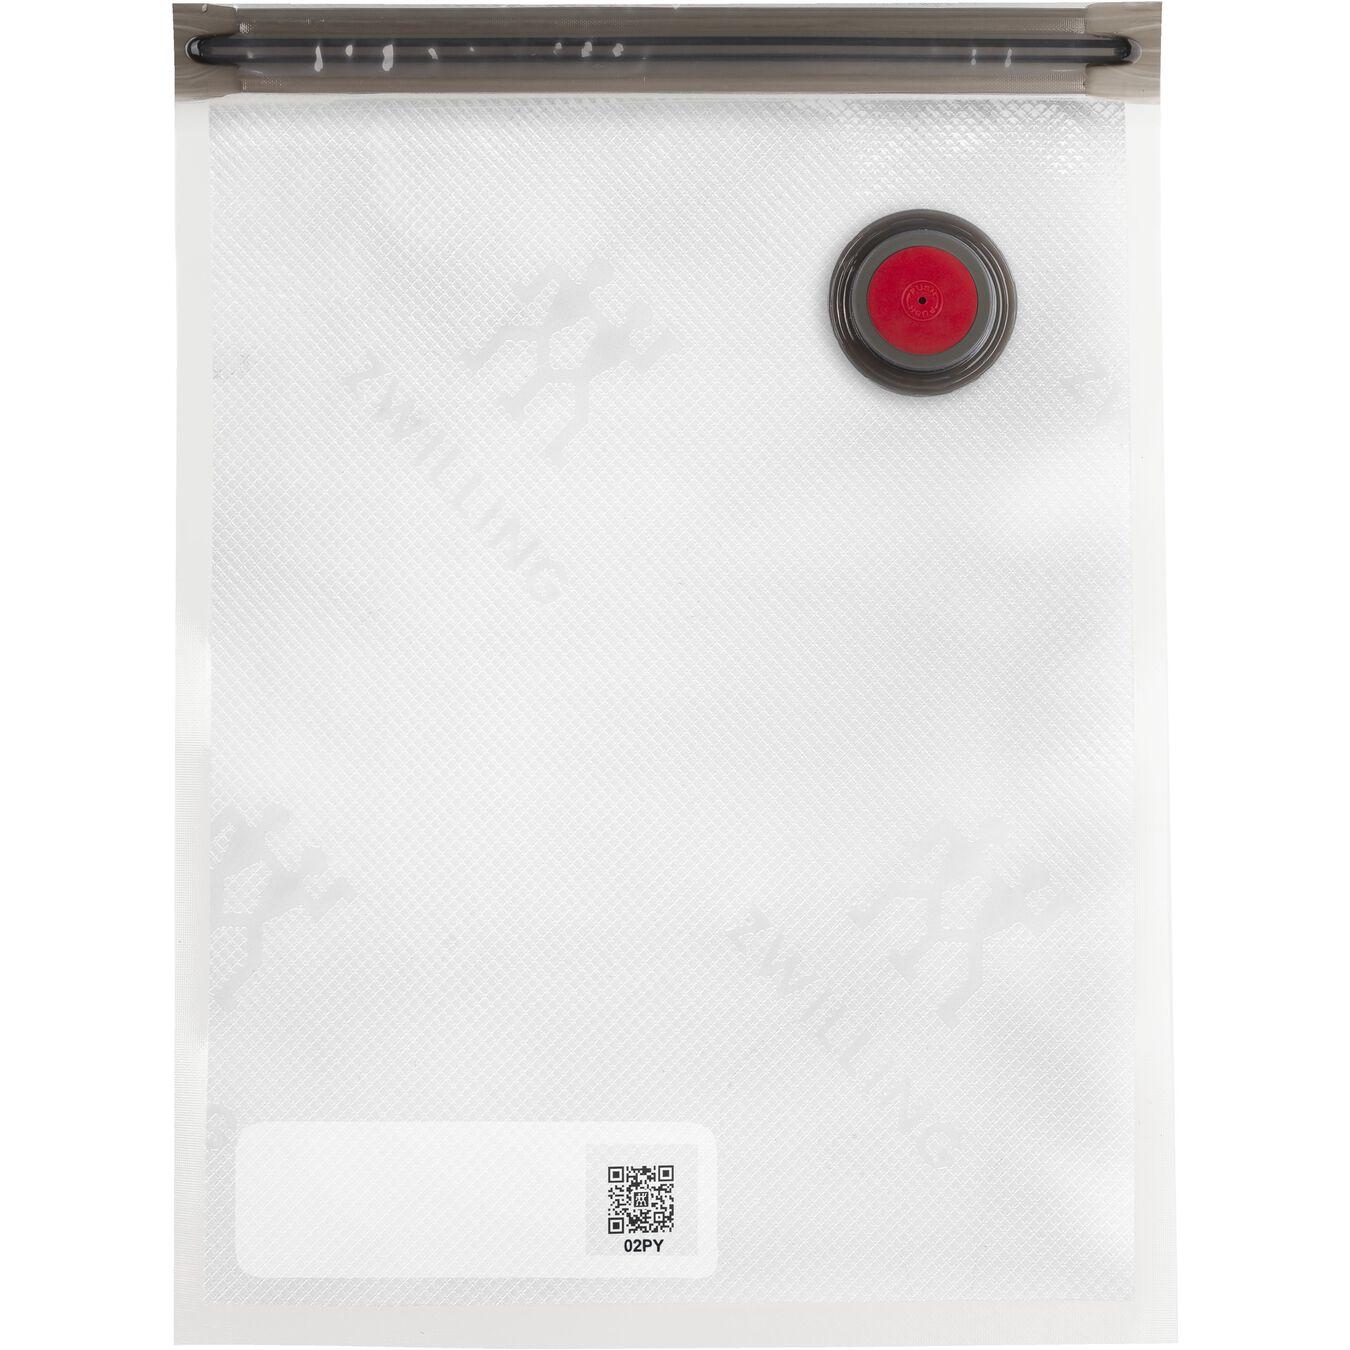 Vakuum Starterset, S/M / 7-tlg, Kunststoff, Weiß,,large 8